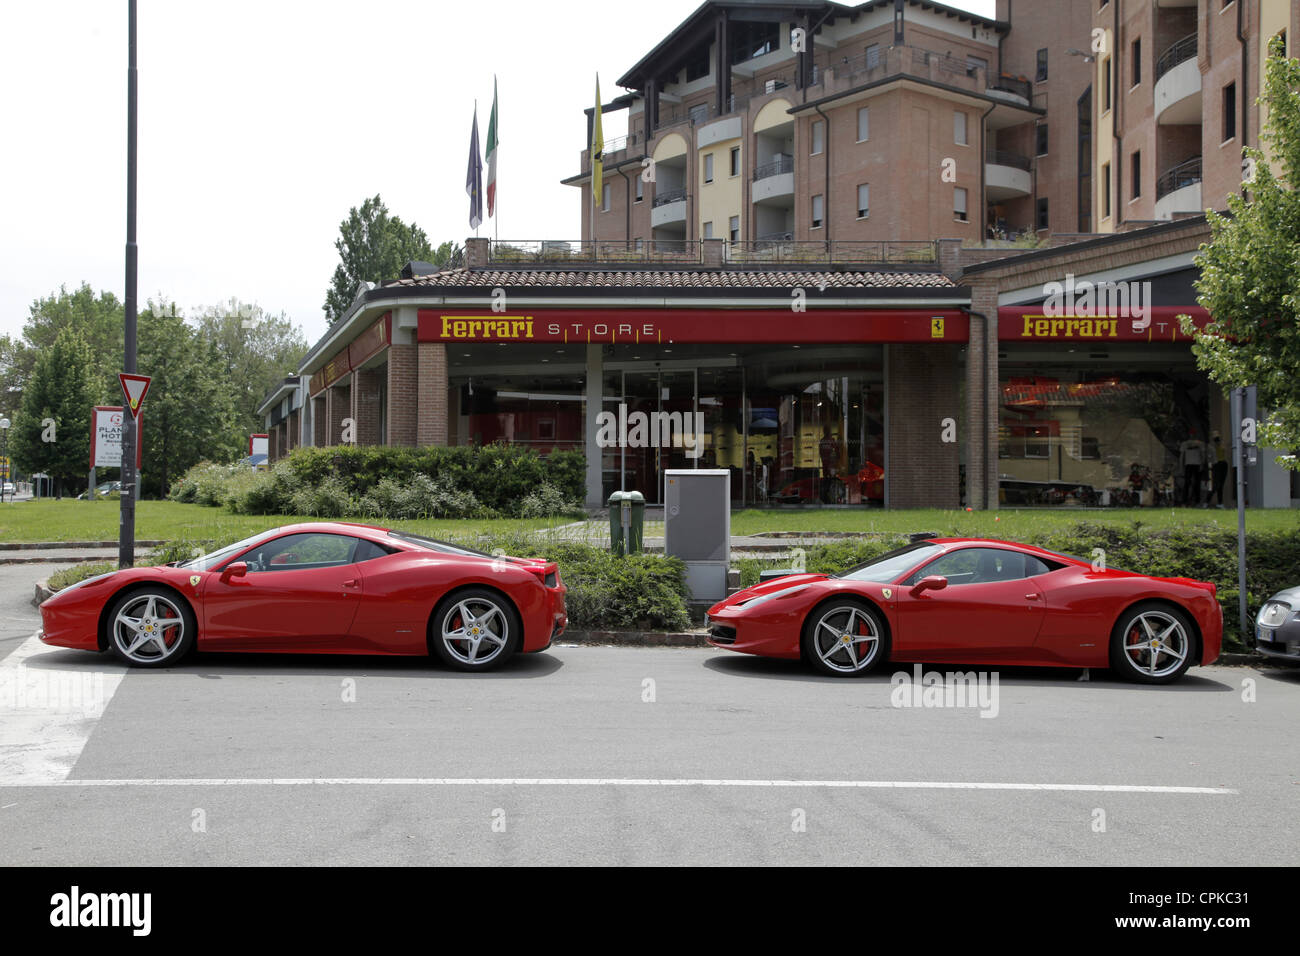 ROTER FERRARI 458 Autos & STORE MARANELLO Italien 8. Mai 2012 Stockbild